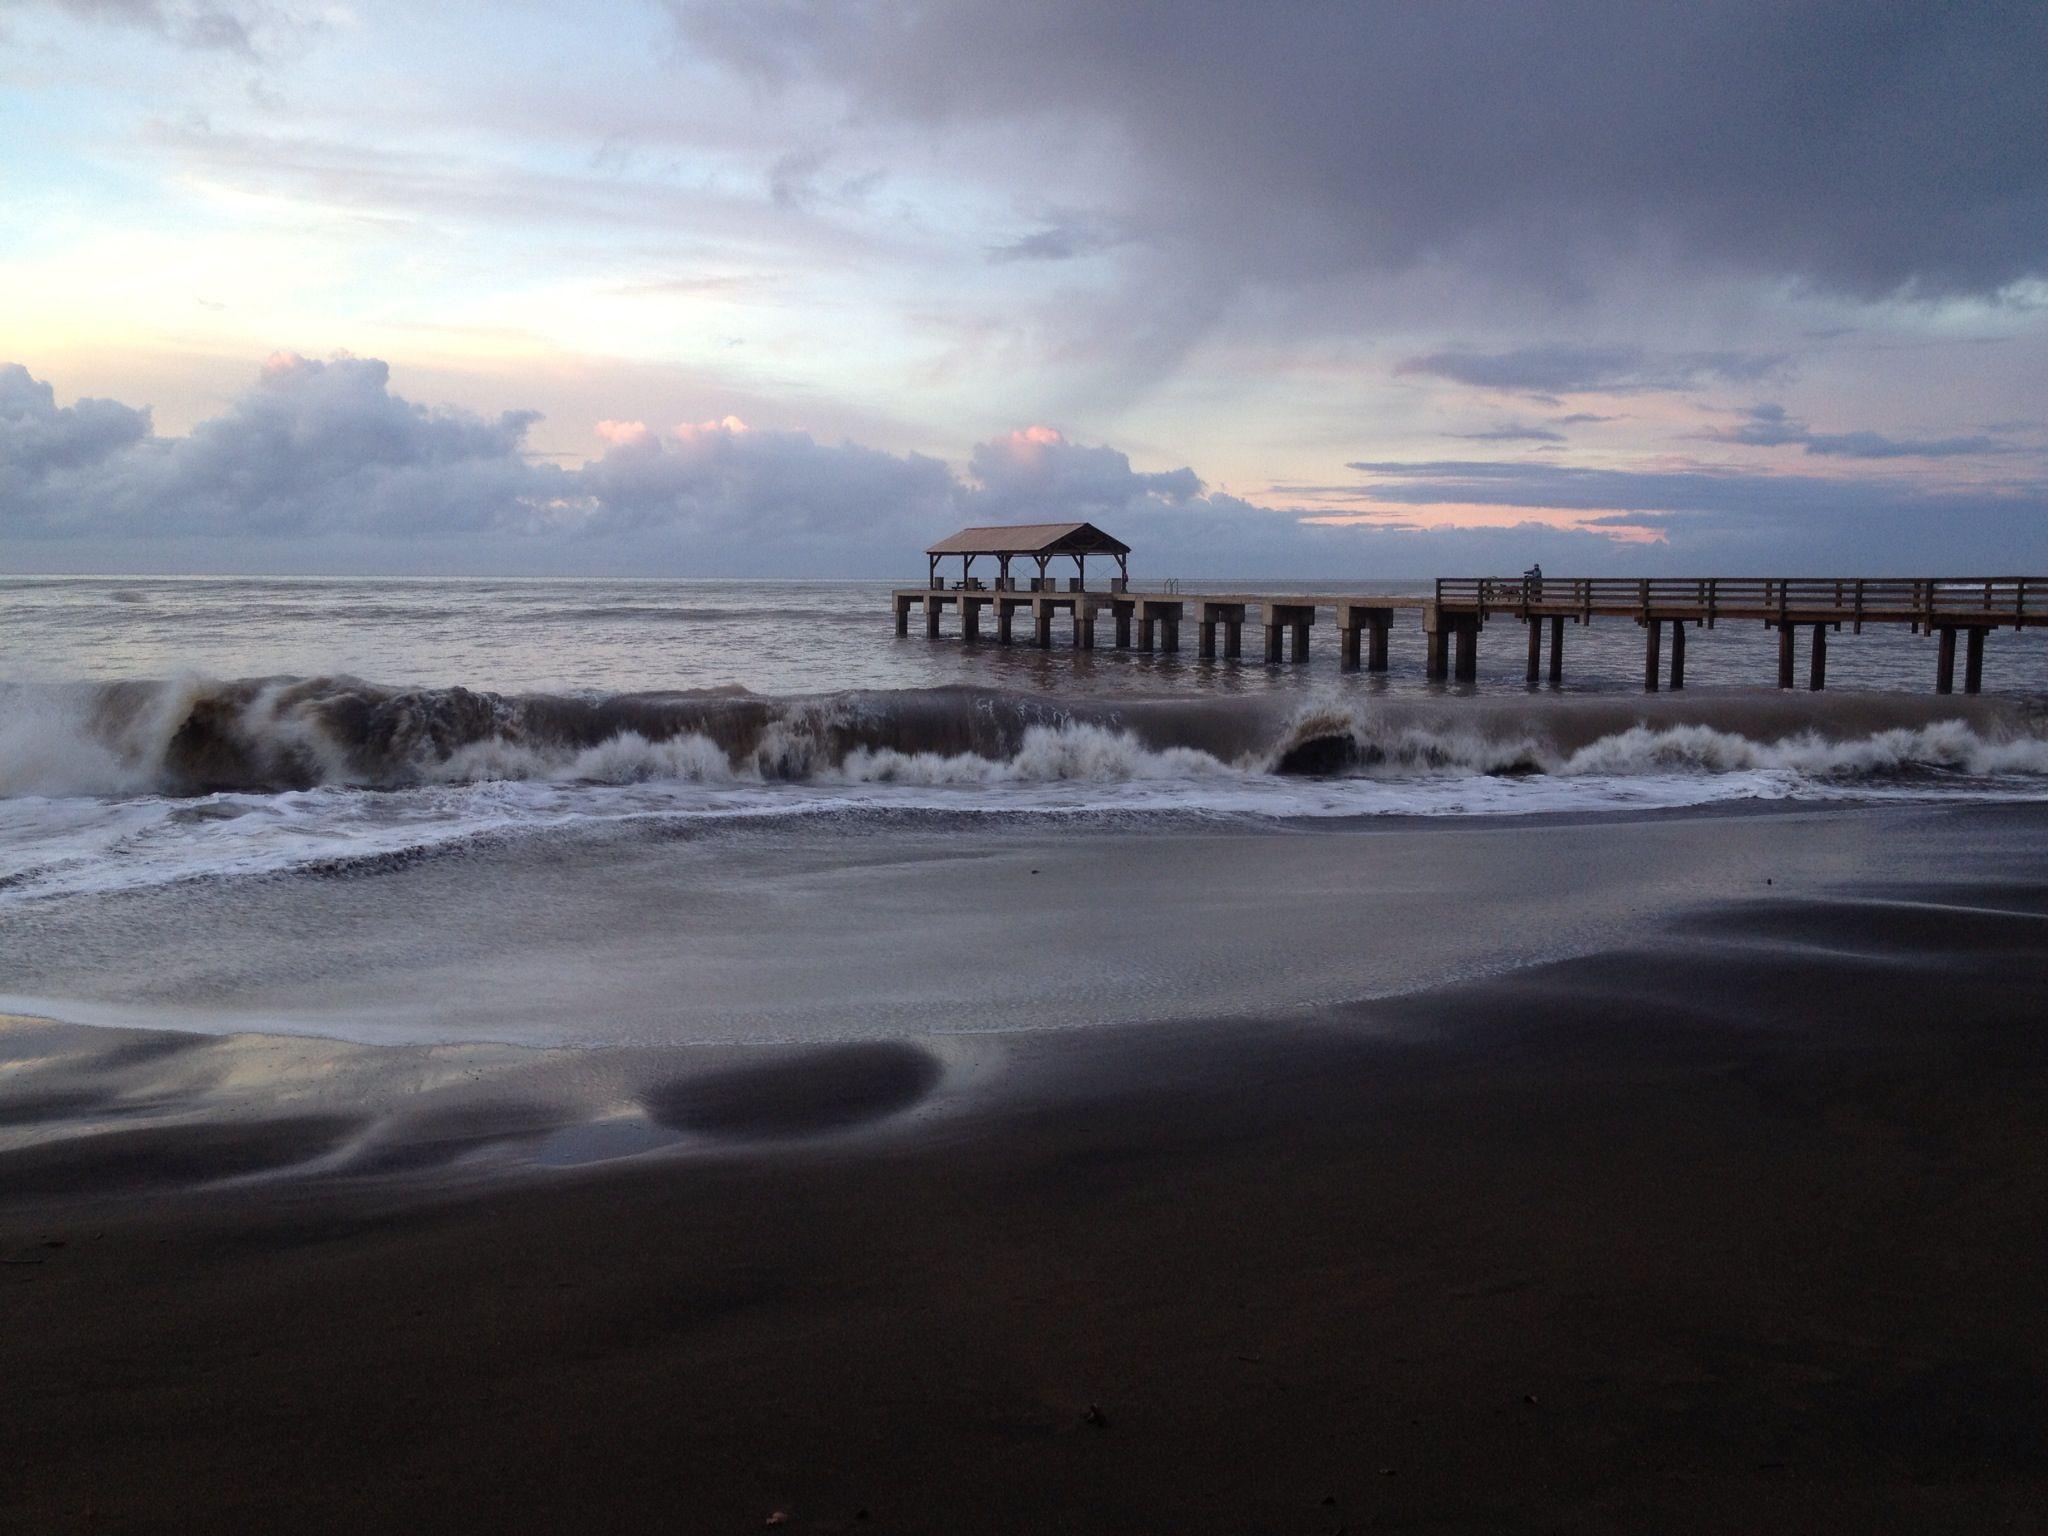 Black Sand Beach In Waimea Kauai With